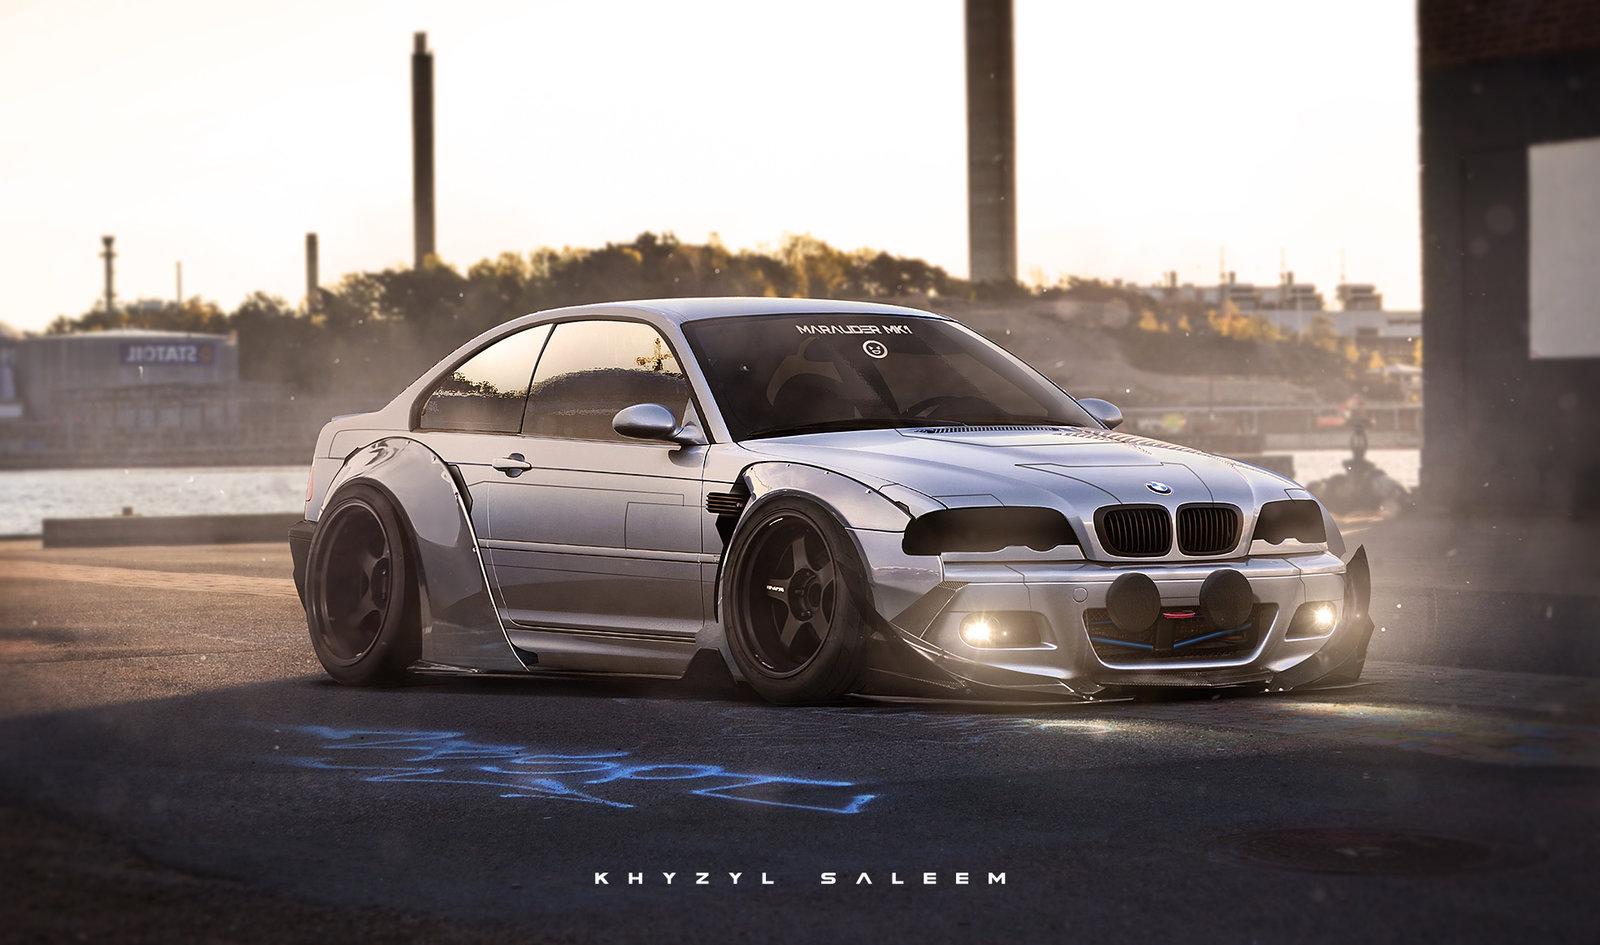 Marauder MK1